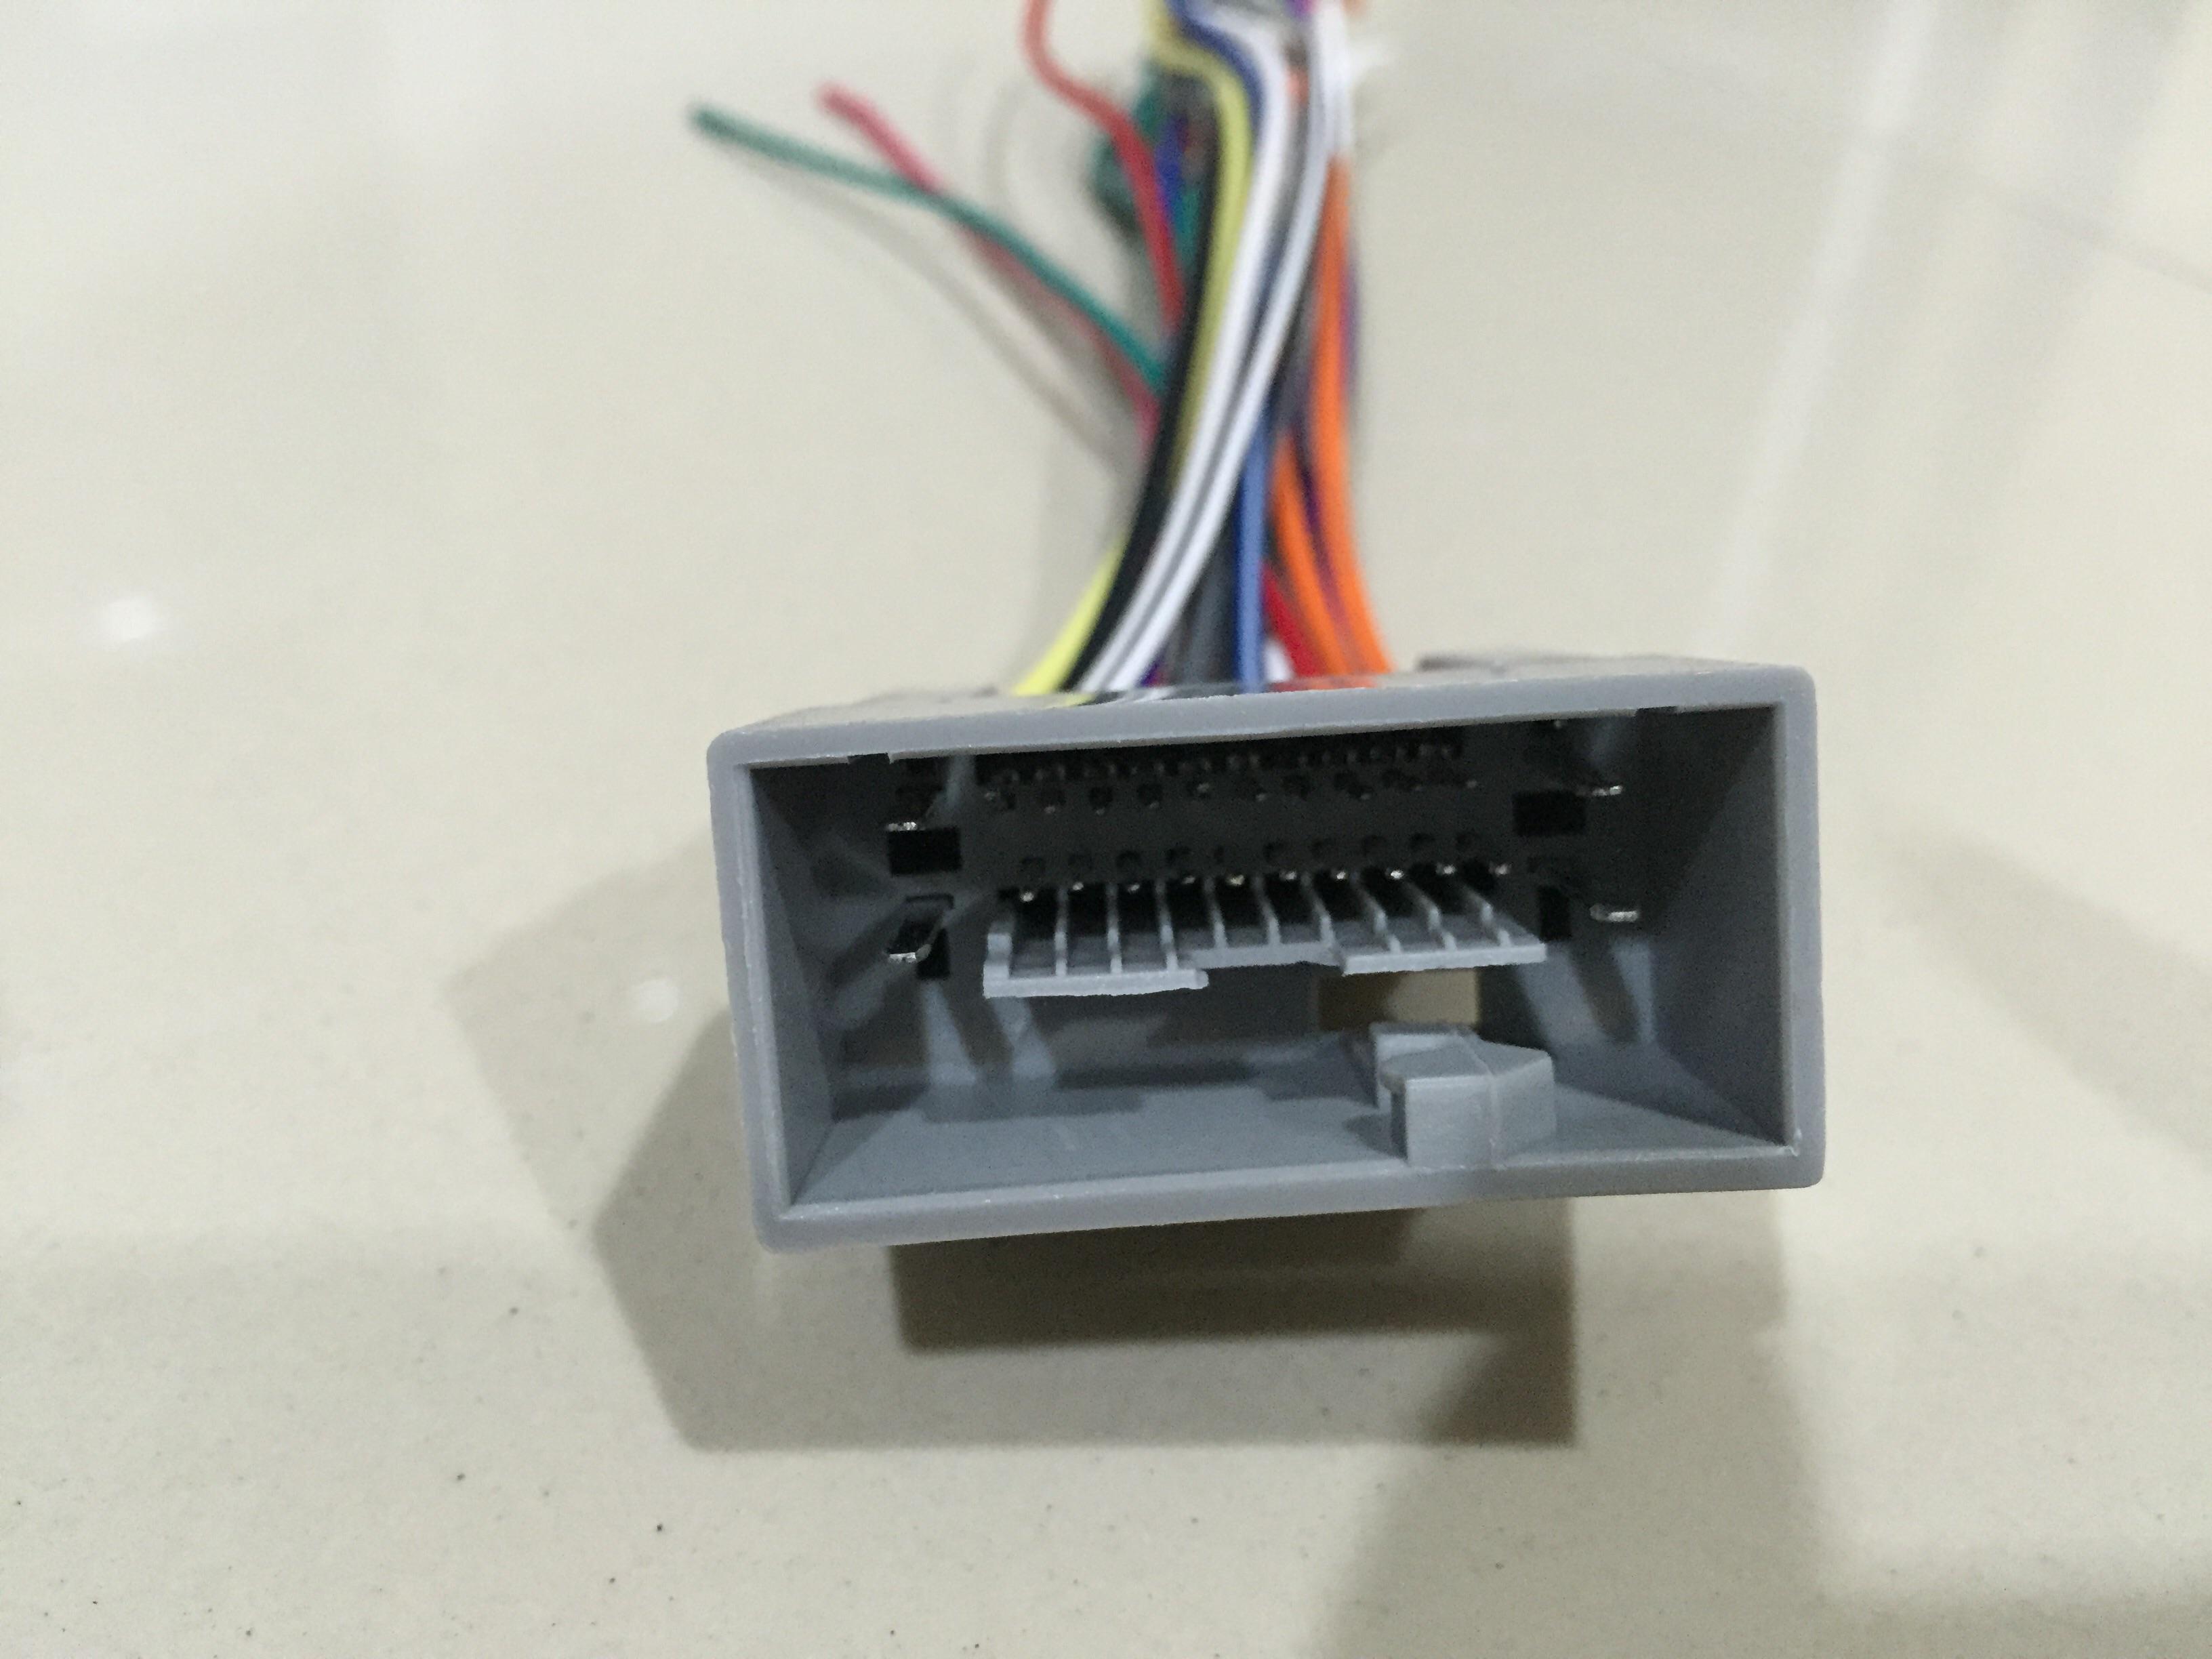 ปลั๊กHonda 24 pin (ตัวผู้) สำหรับรถตั้งแต่ปี 2011-2015